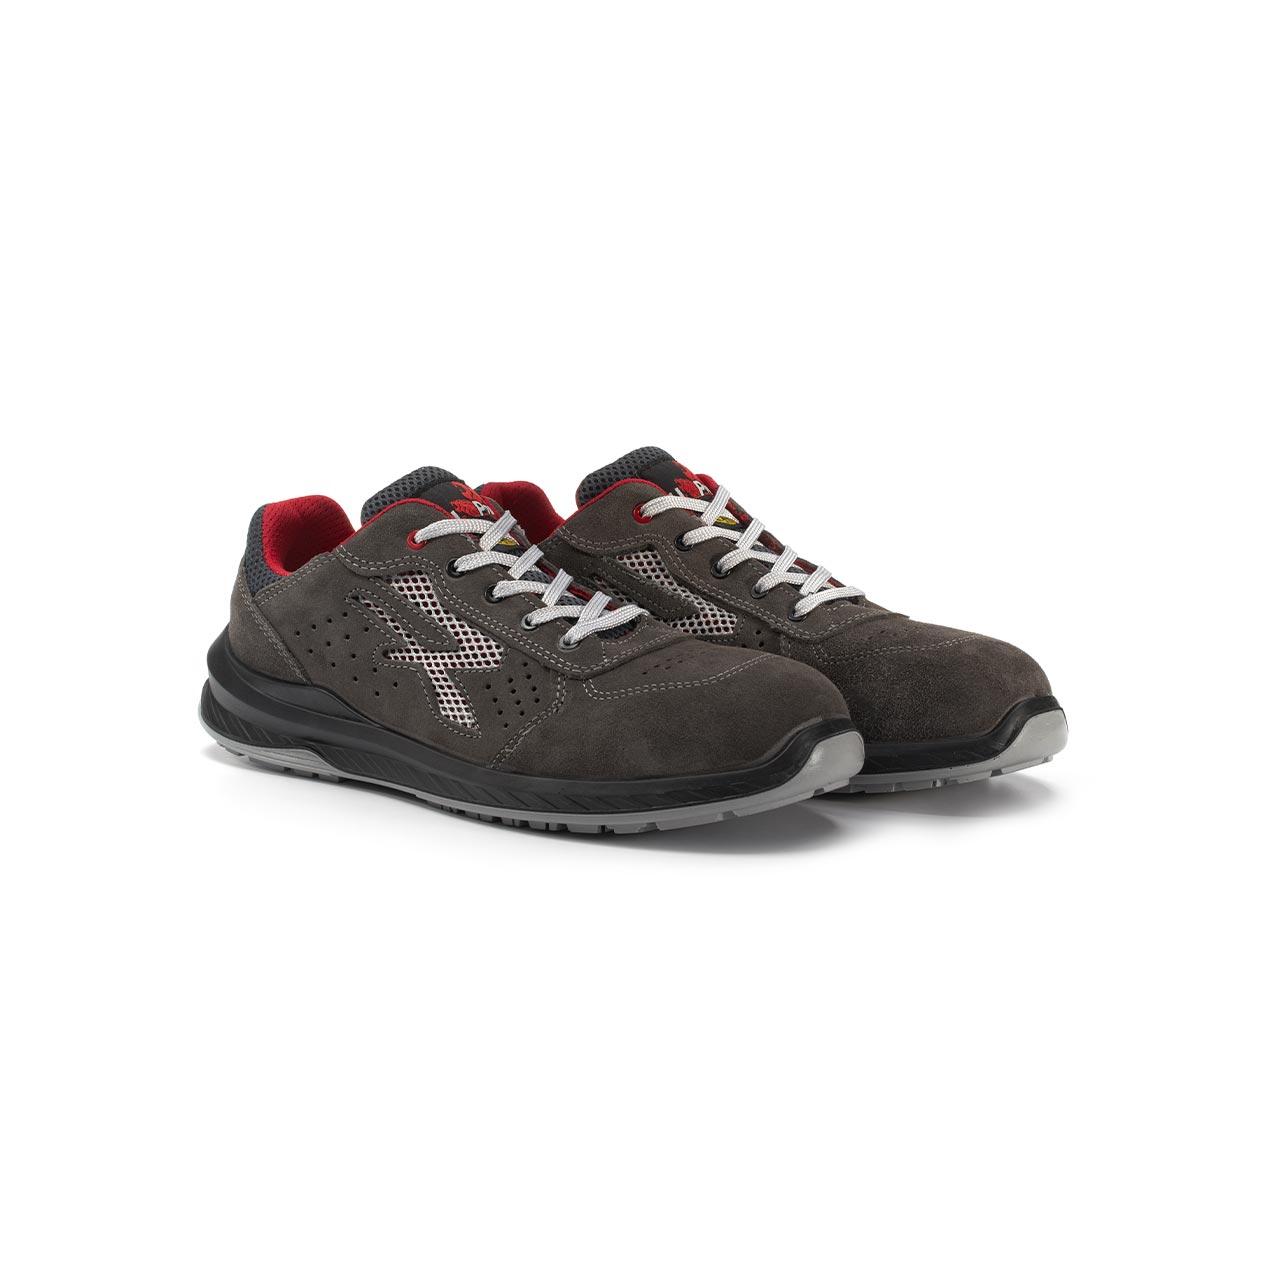 paio di scarpe antinfortunistiche upower modello radial linea redindustry vista prospettica